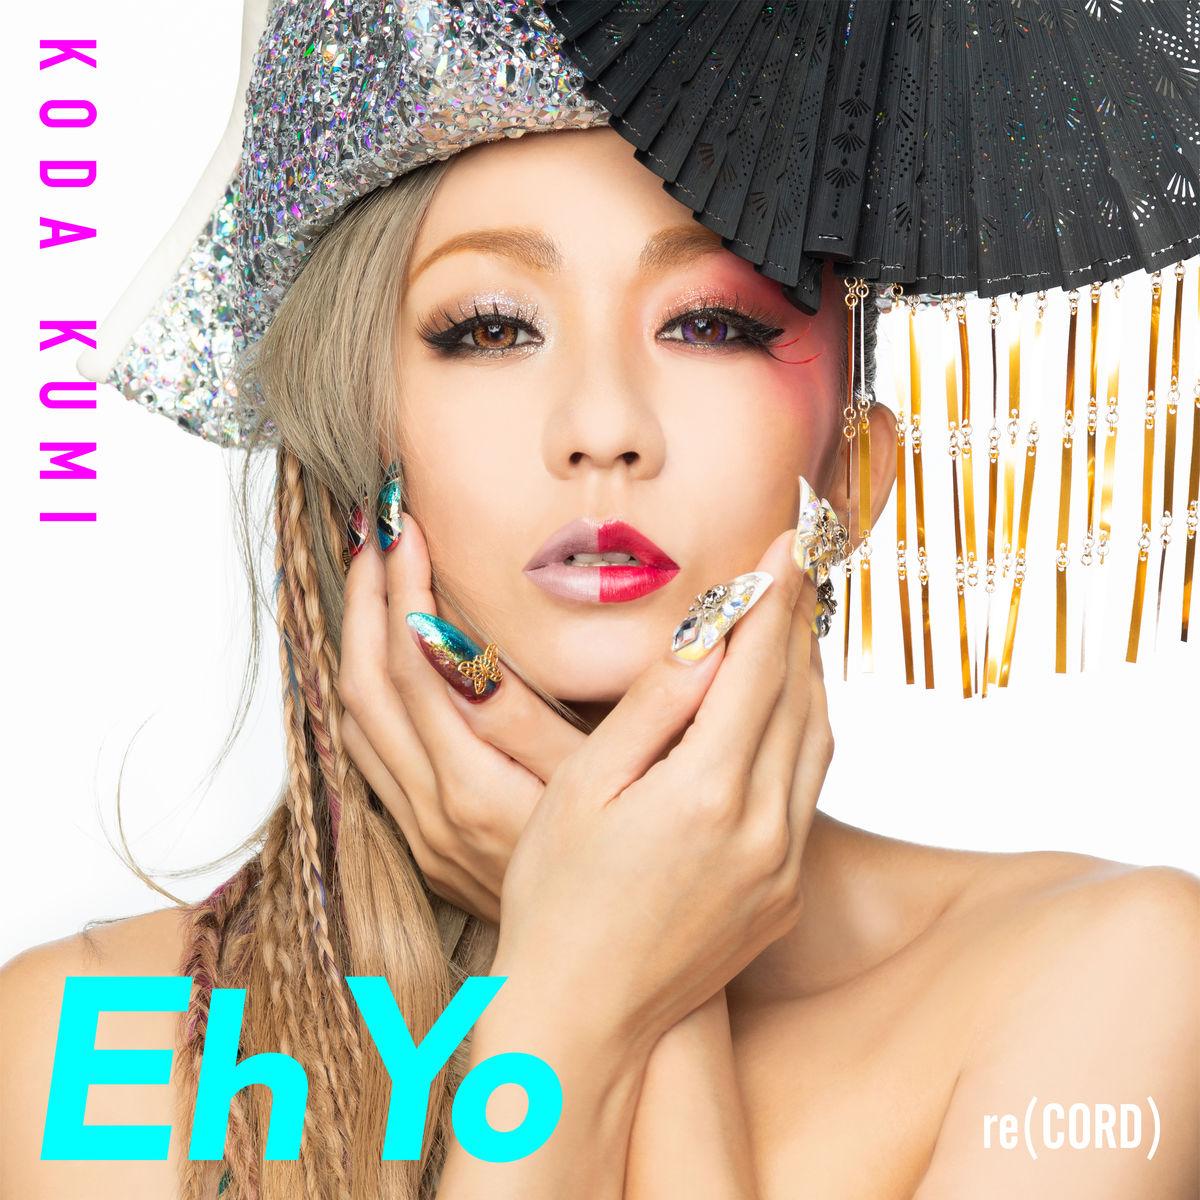 『倖田來未 - Eh Yo』収録の『Eh Yo』ジャケット